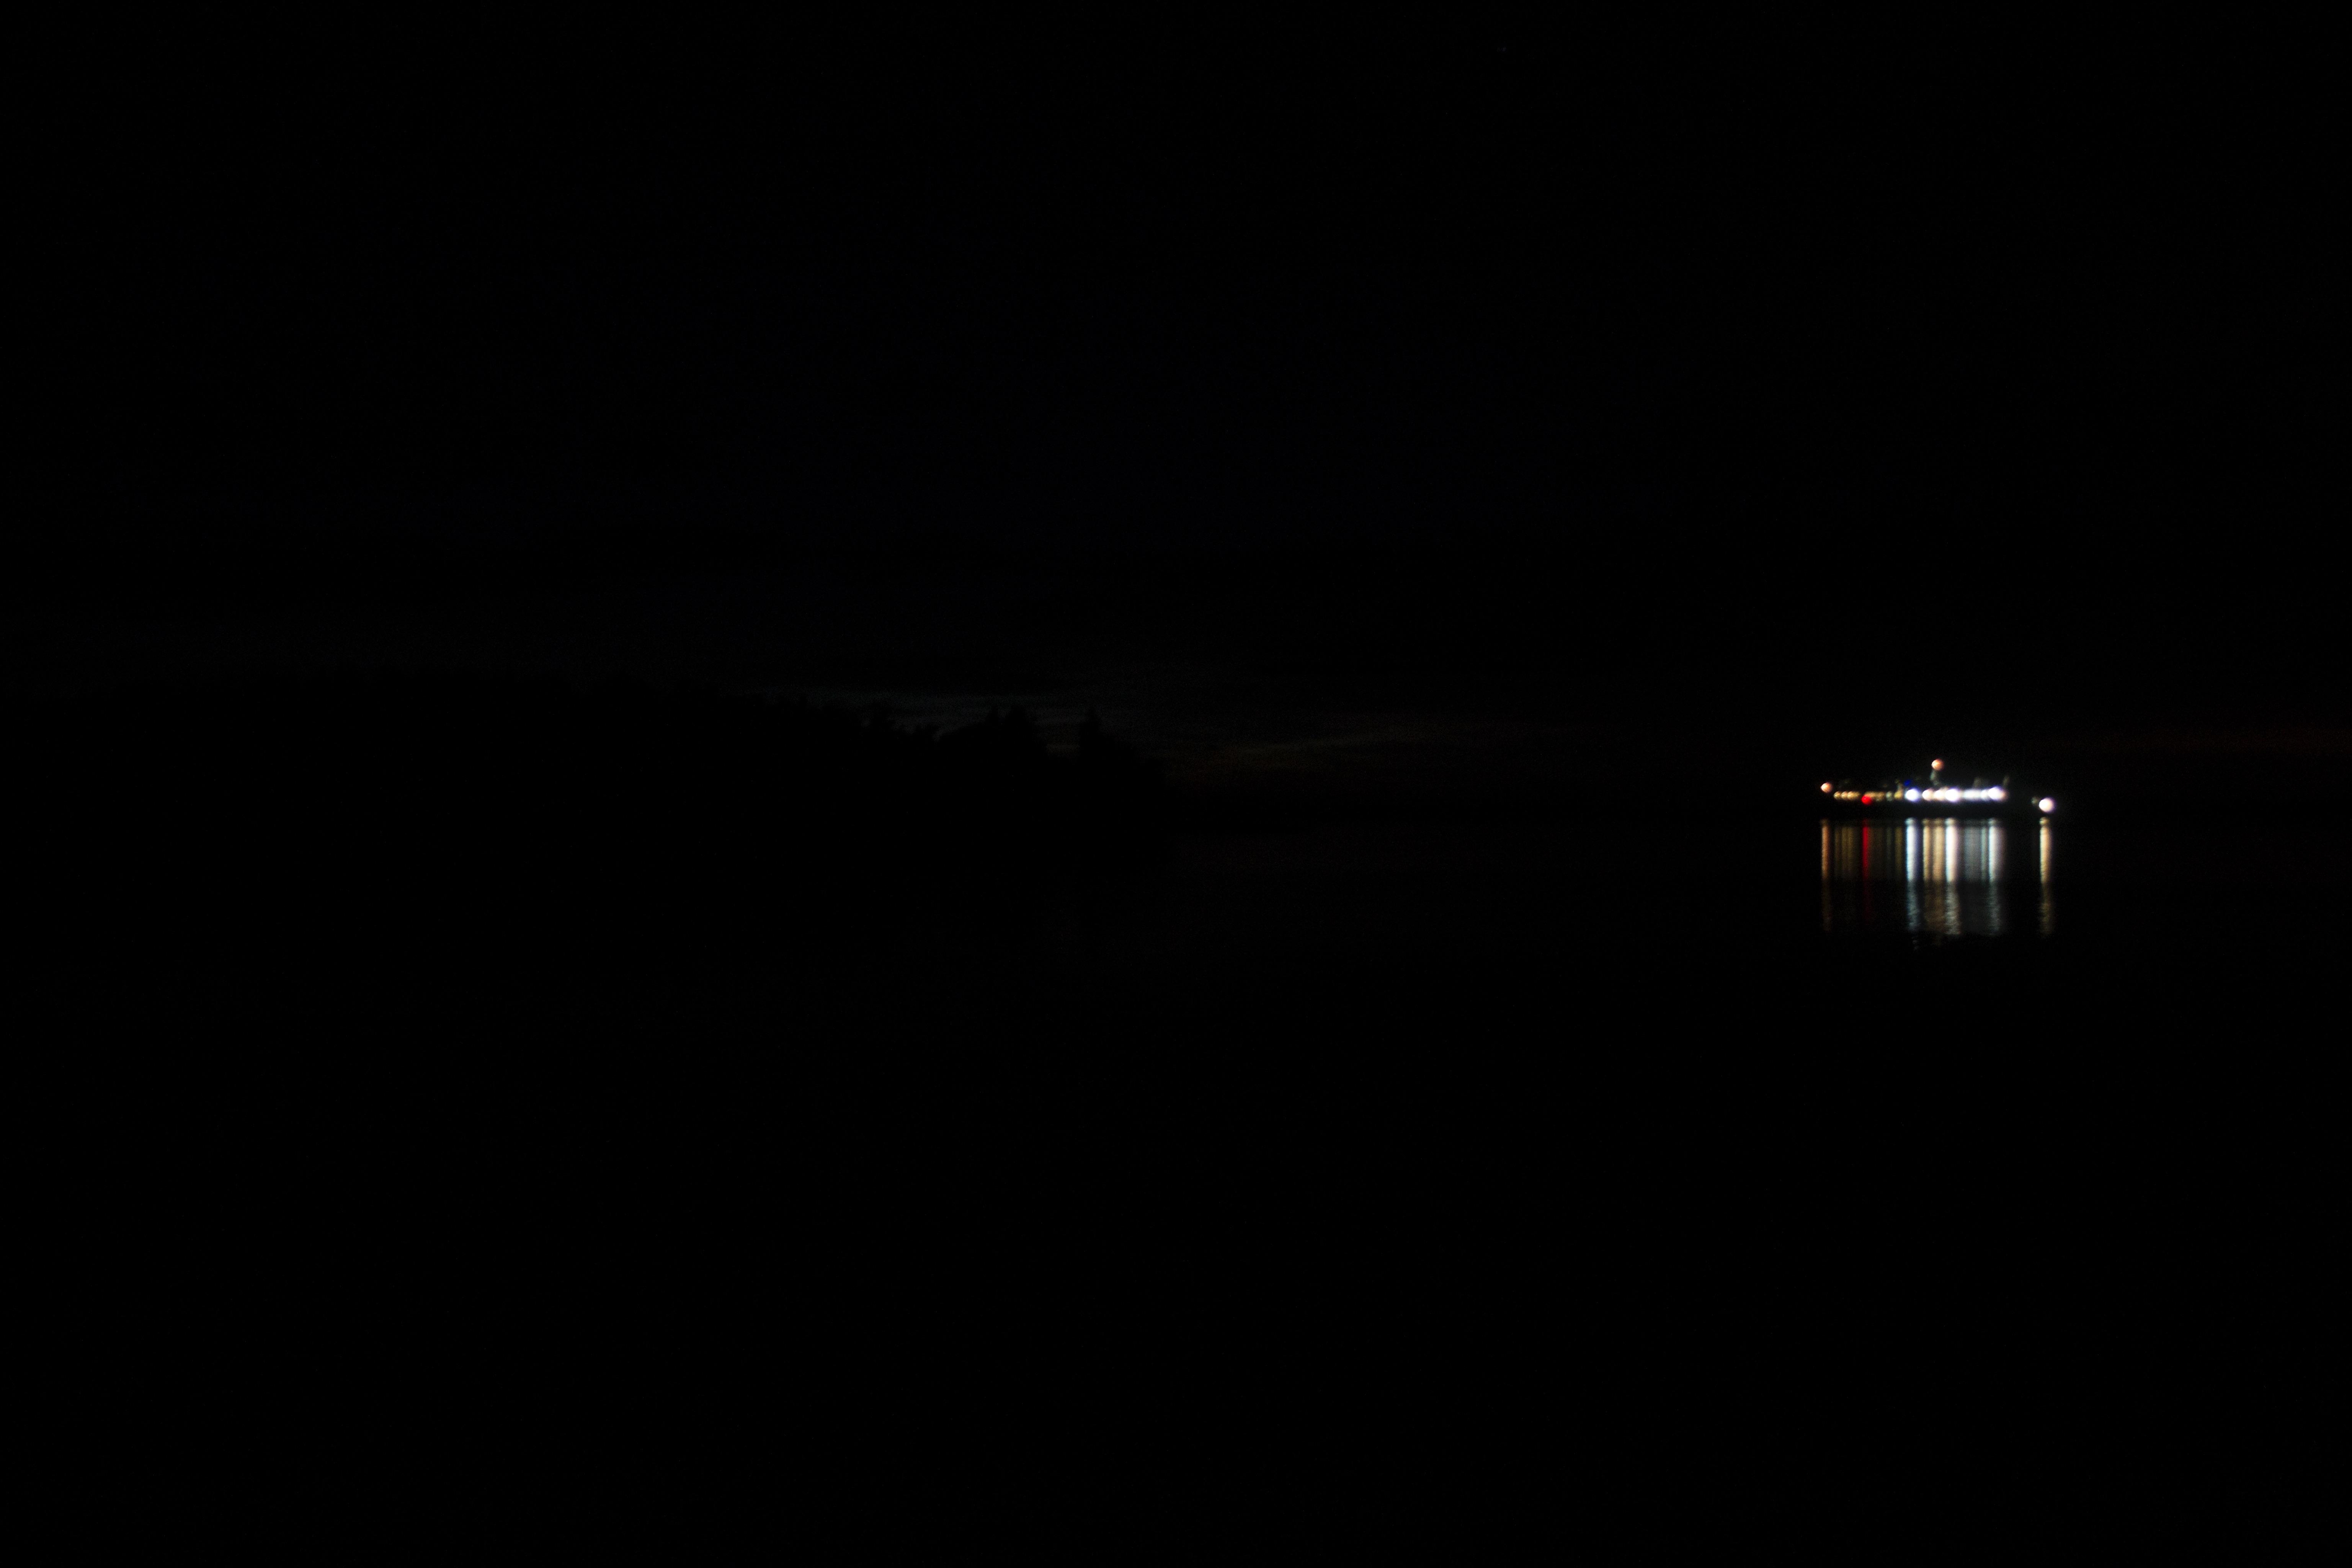 того, автор фото в темноте майкрософтом порту обязательно